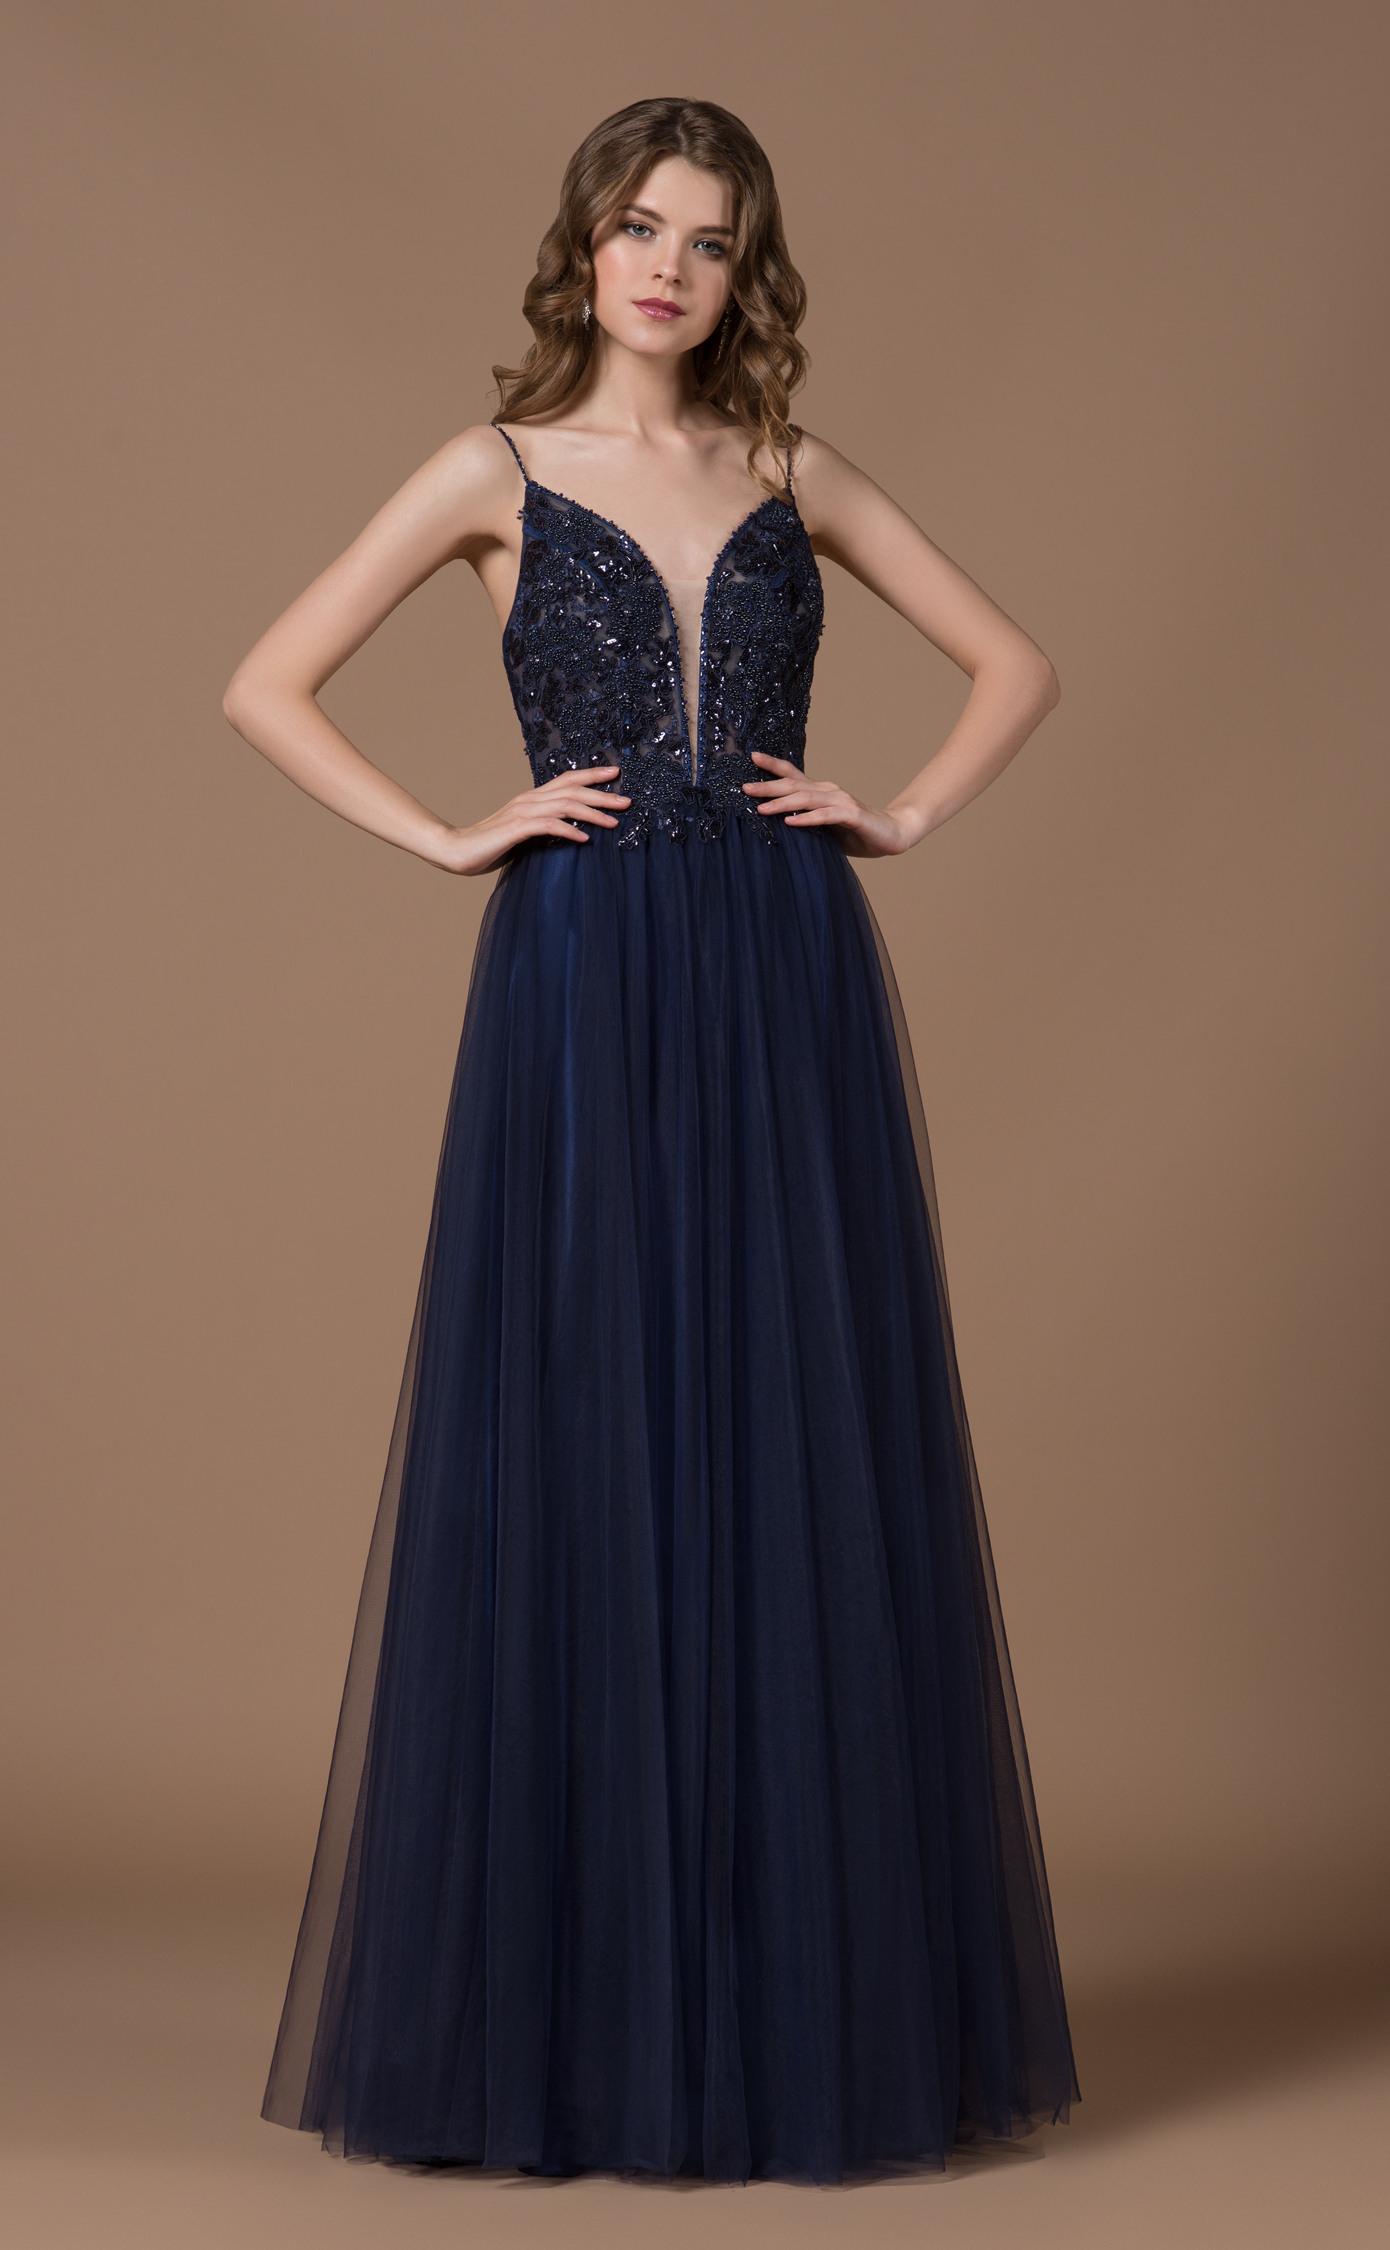 Designer Leicht Dunkelblaues Abendkleid Vertrieb Erstaunlich Dunkelblaues Abendkleid Stylish